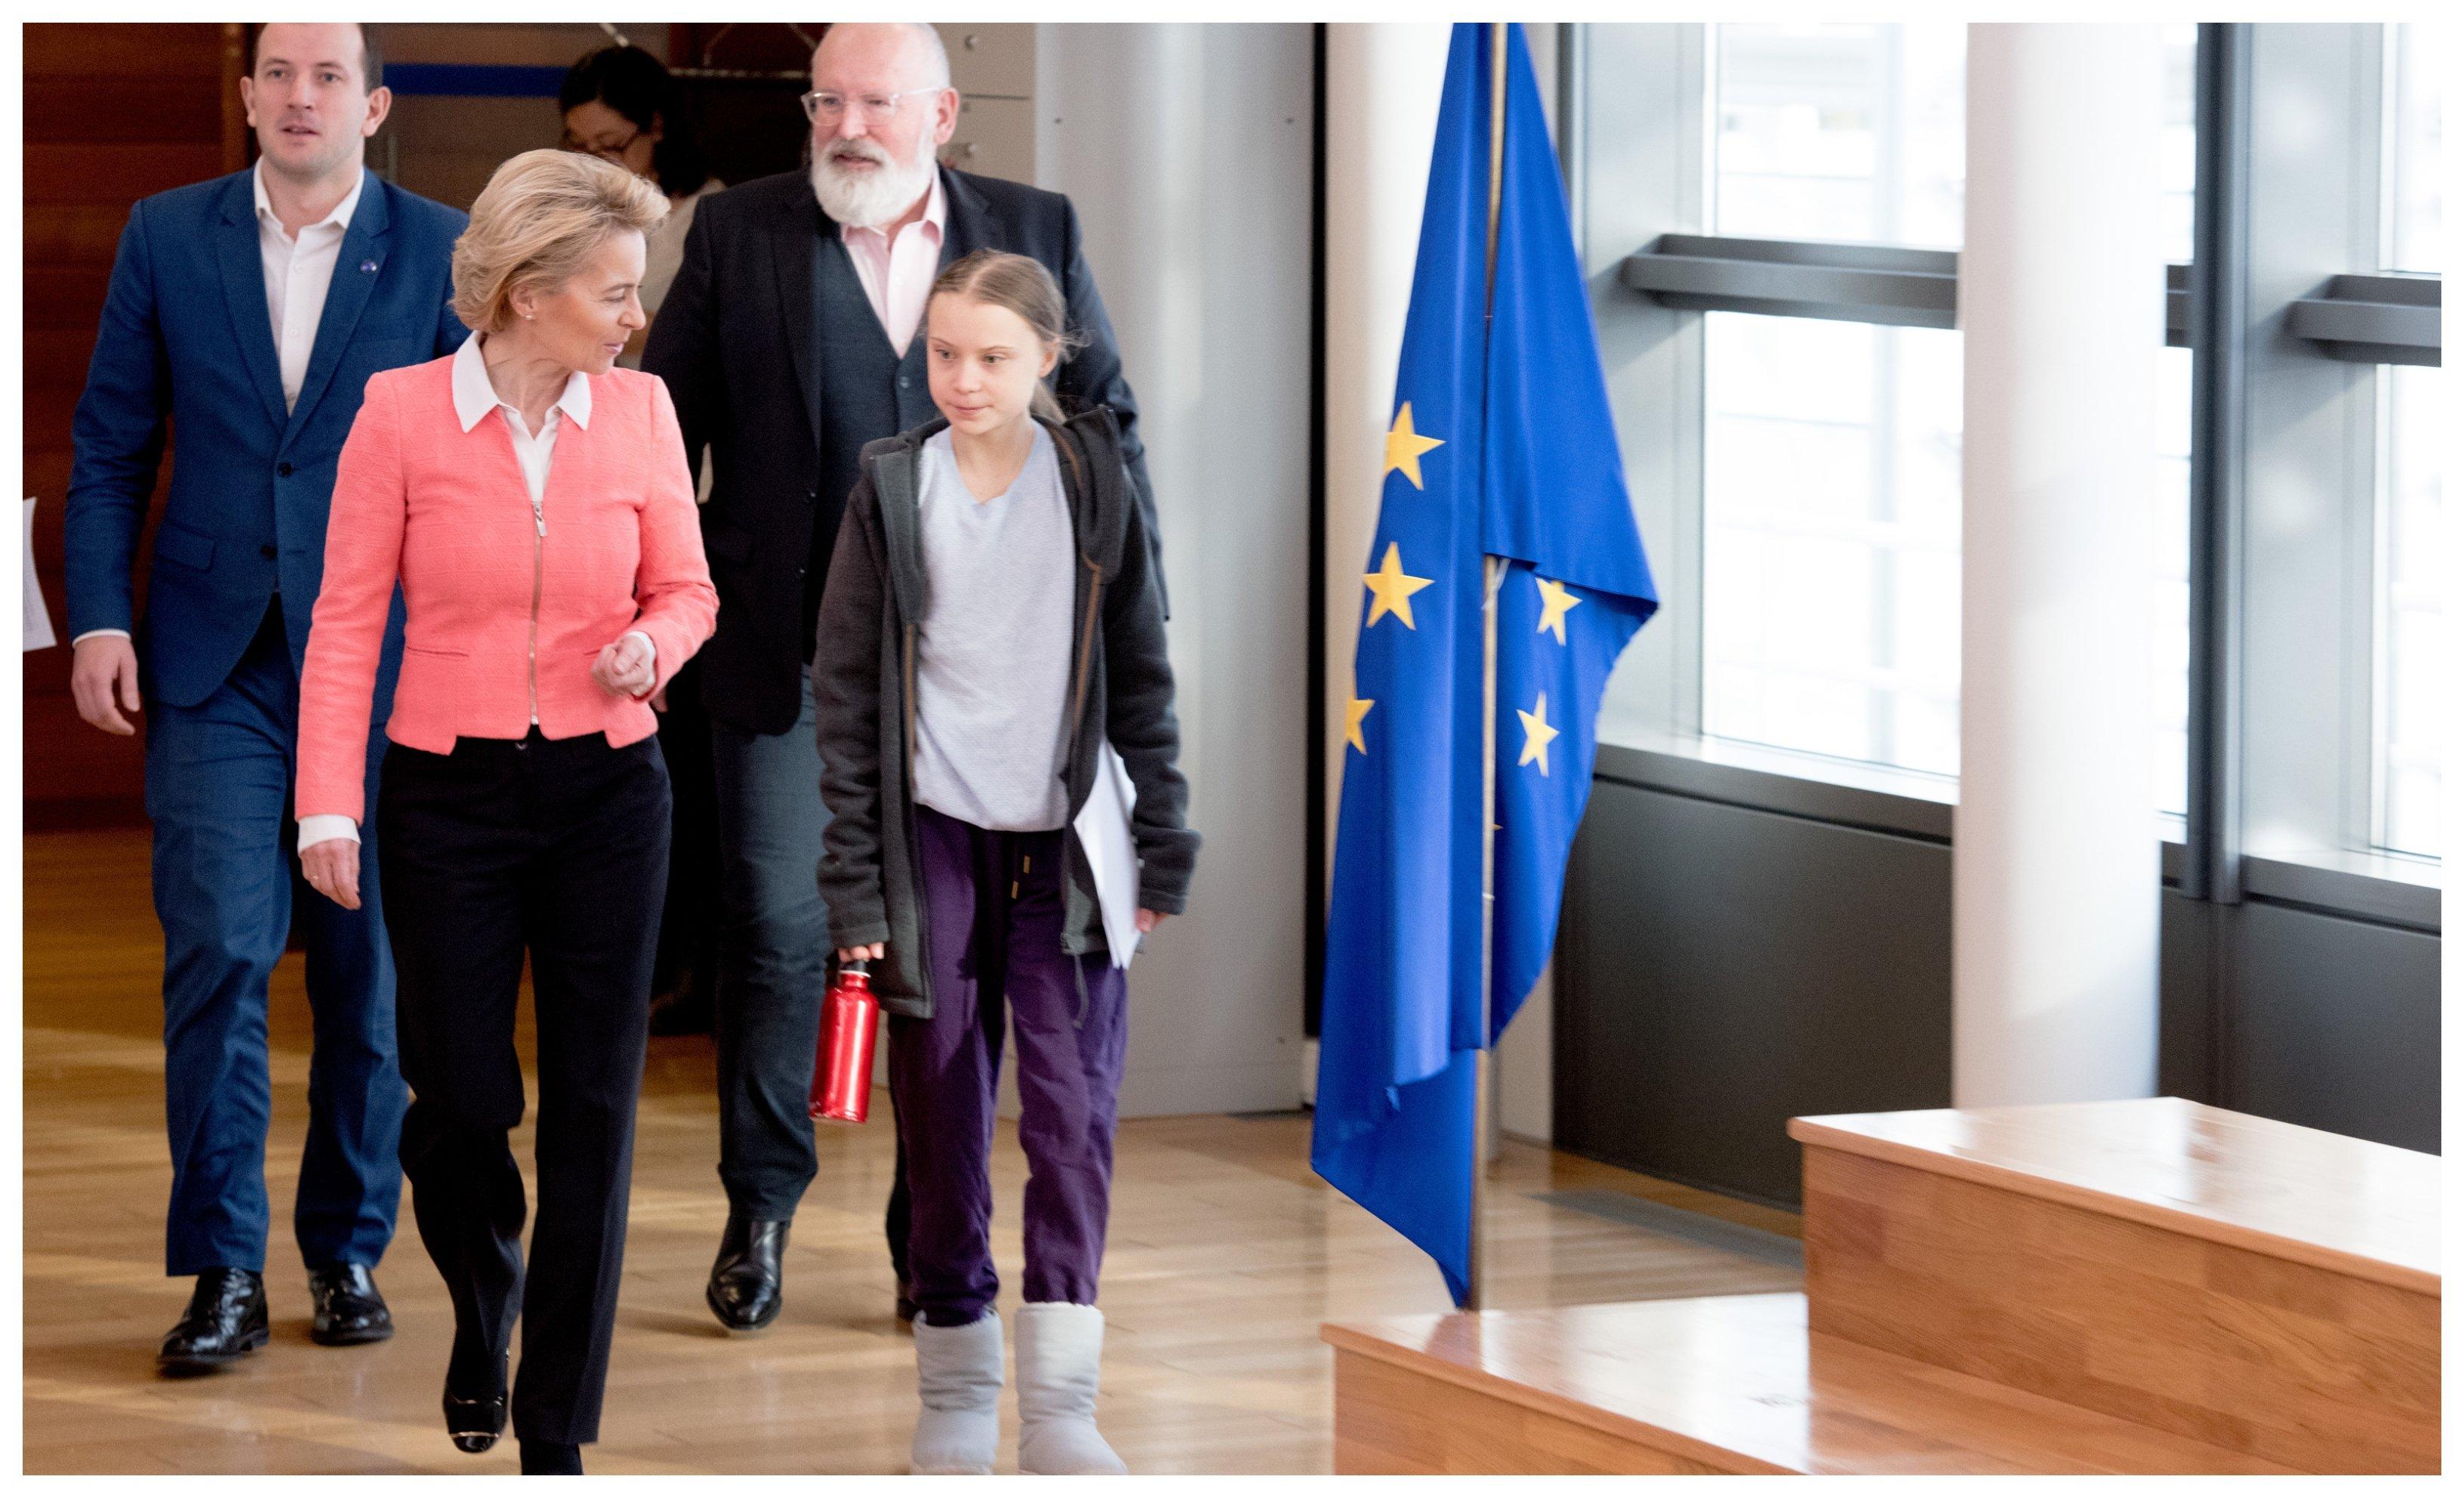 Greta Thunberg no está contenta con la ley climática de la UE